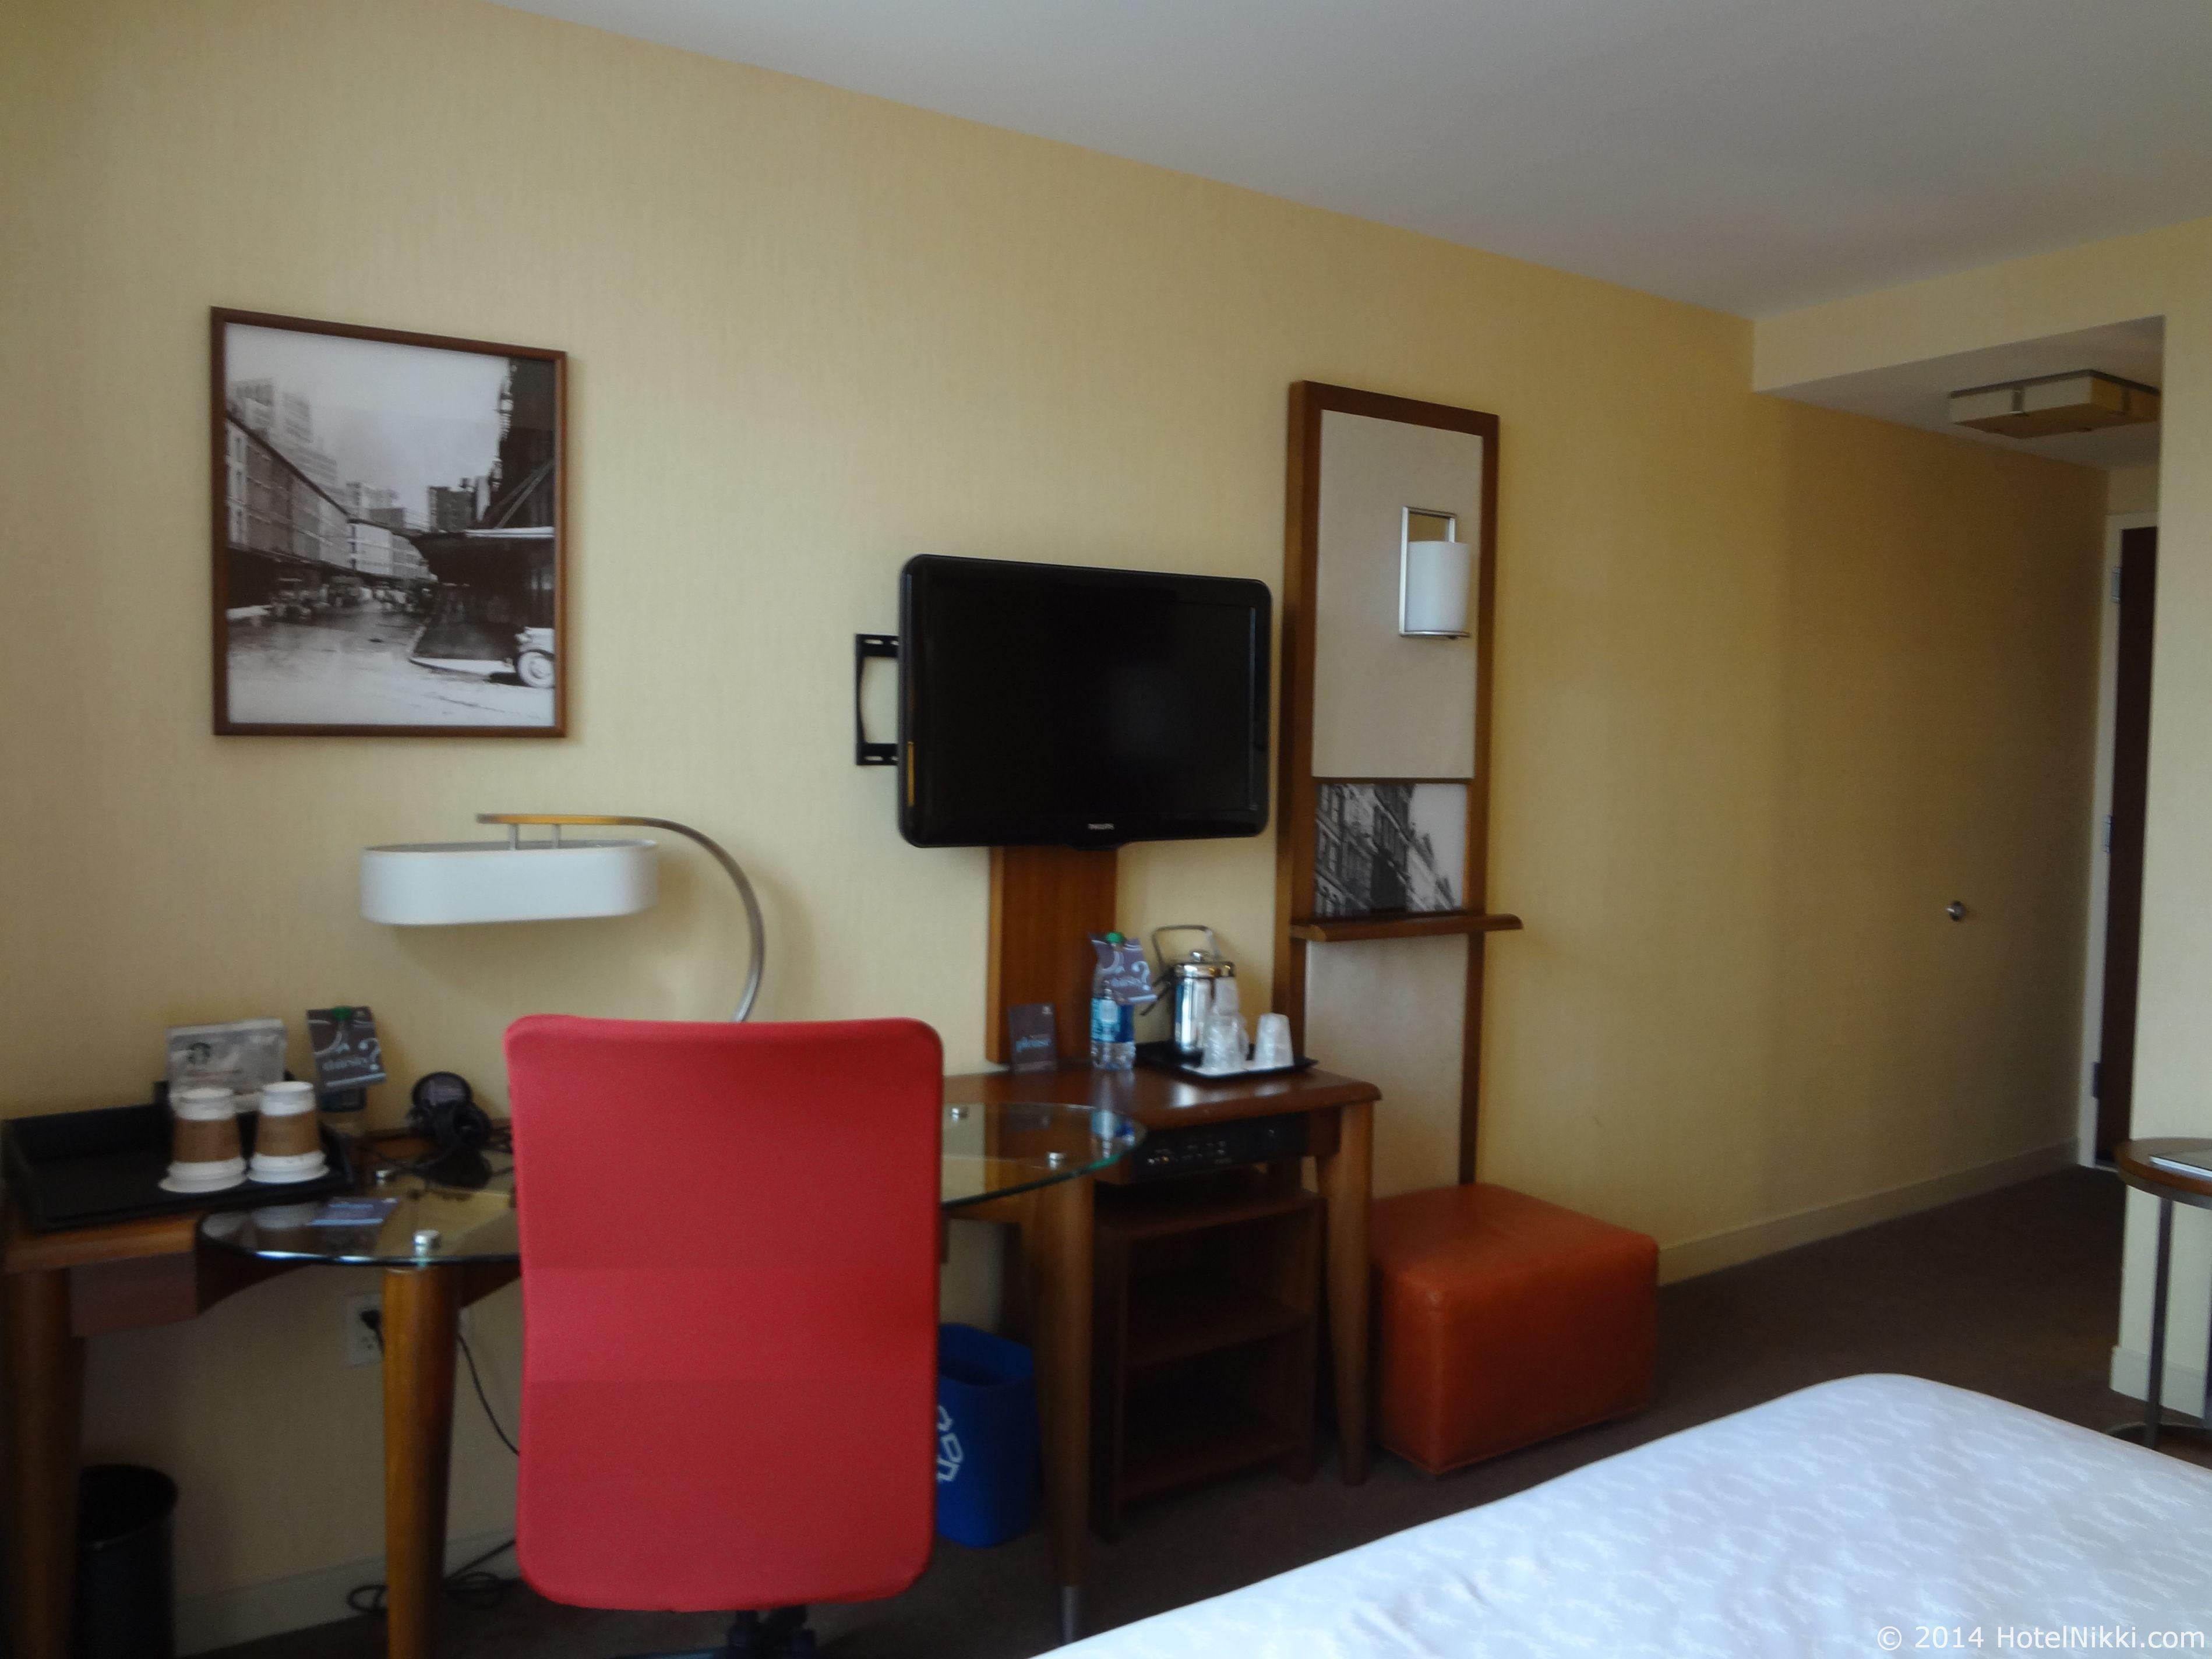 シェラトントライベッカニューヨークホテル テレビとデスクエリア、荷物置き場